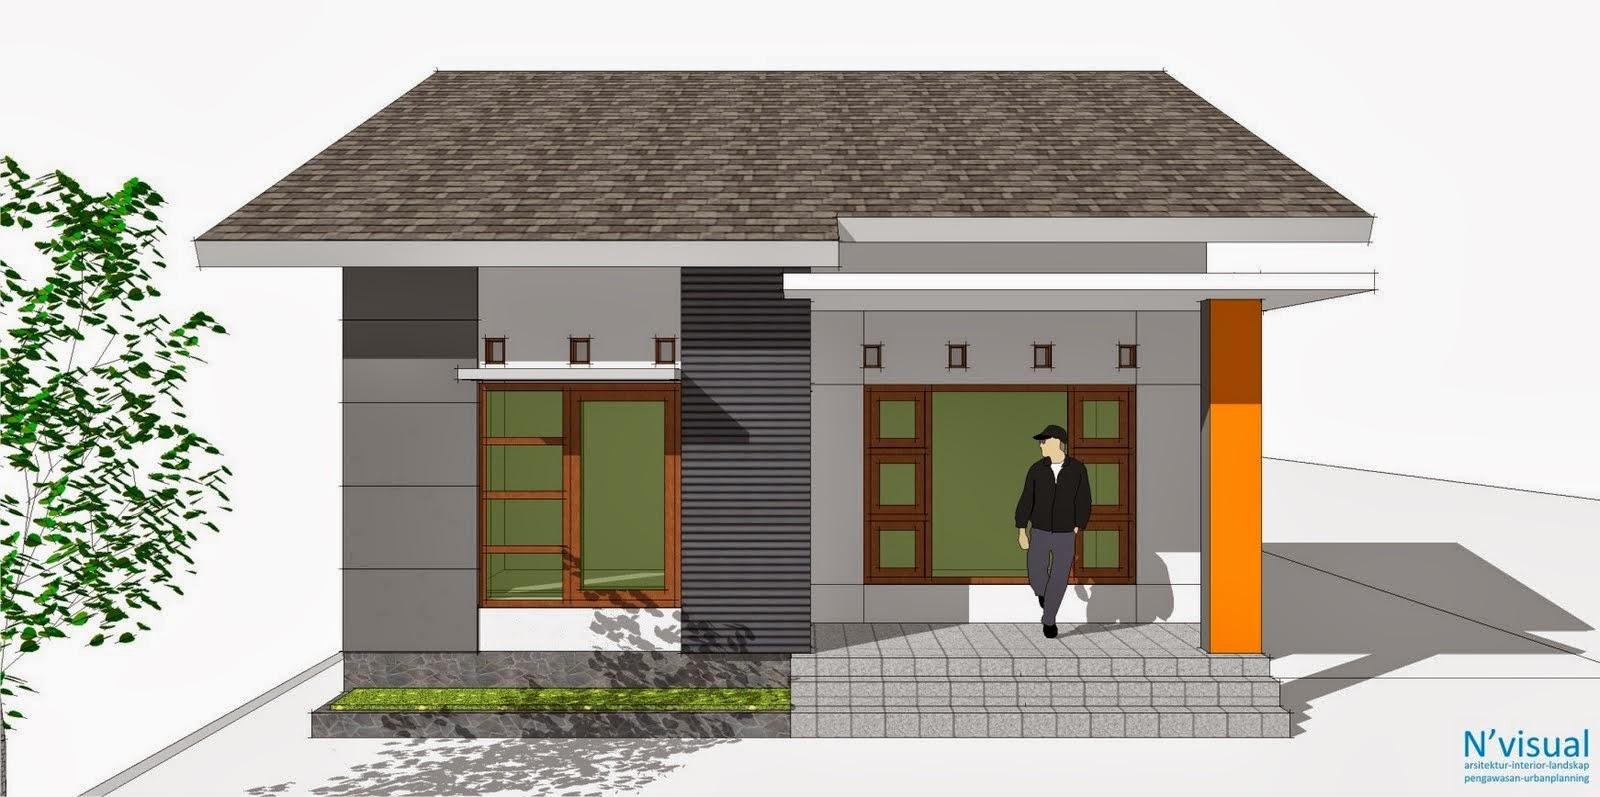 66 Gambar Desain Rumah Minimalis Dan Rincian Biaya HD Terbaru Unduh Gratis